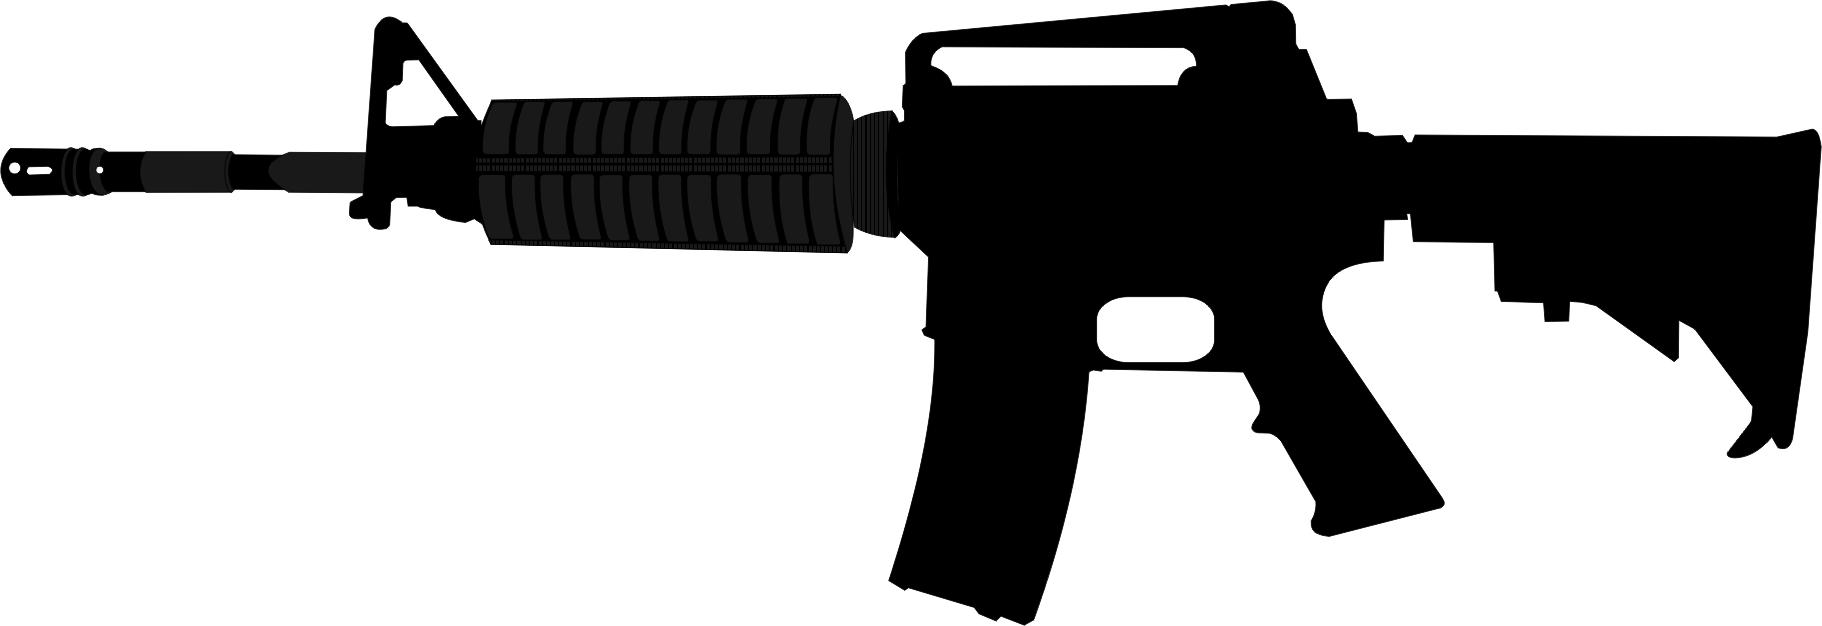 Machine Gun clipart Gun Free Clipart Clipart —